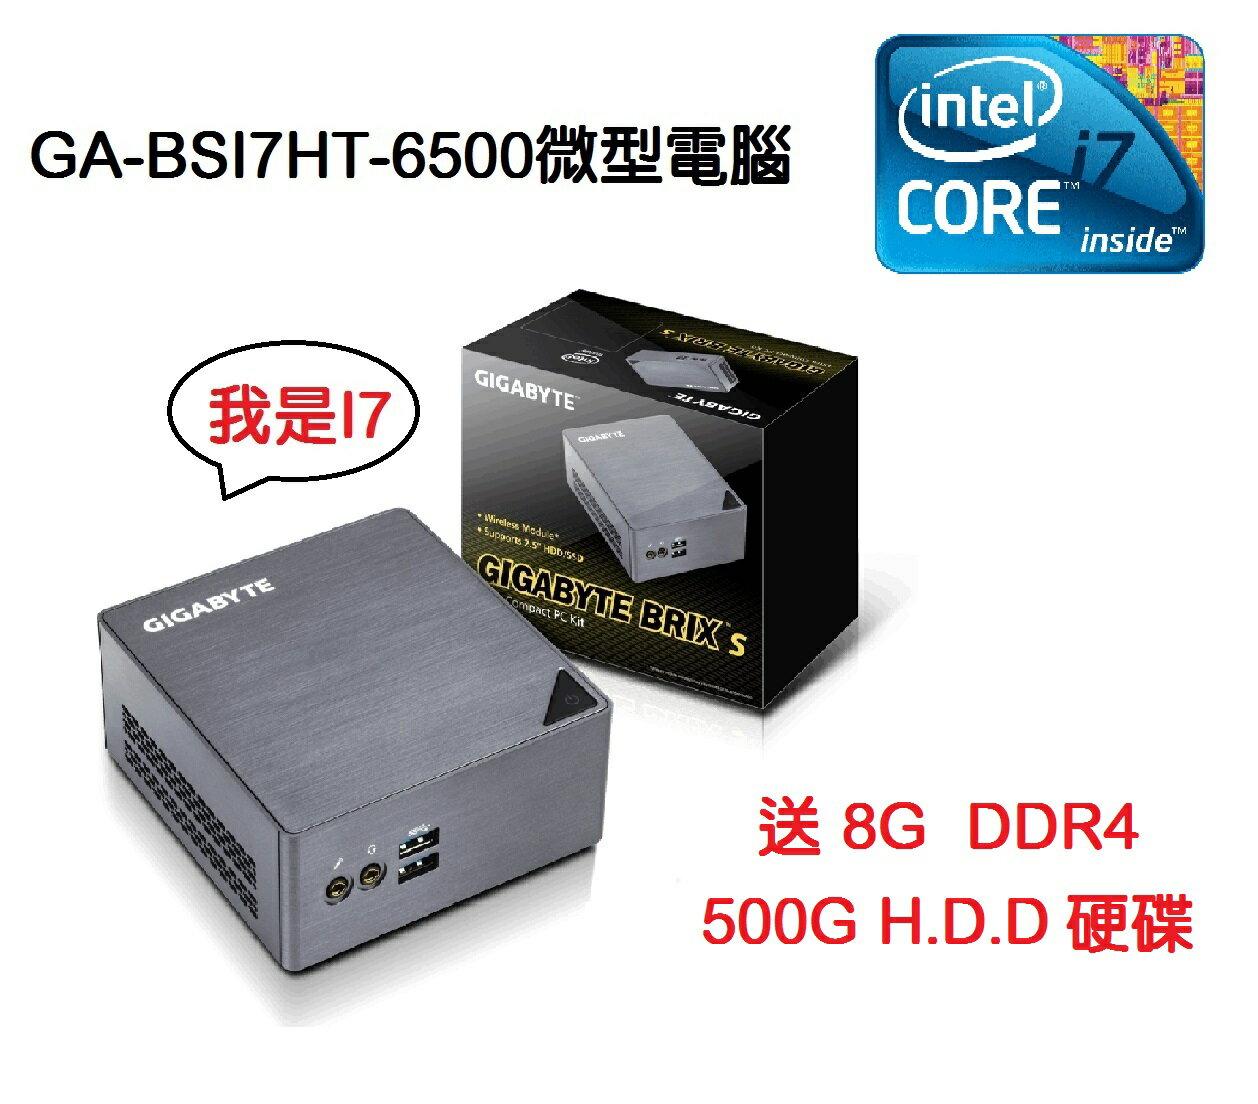 【* 儲存家3C *】技嘉GB-BSI7HT-6500 迷你電腦